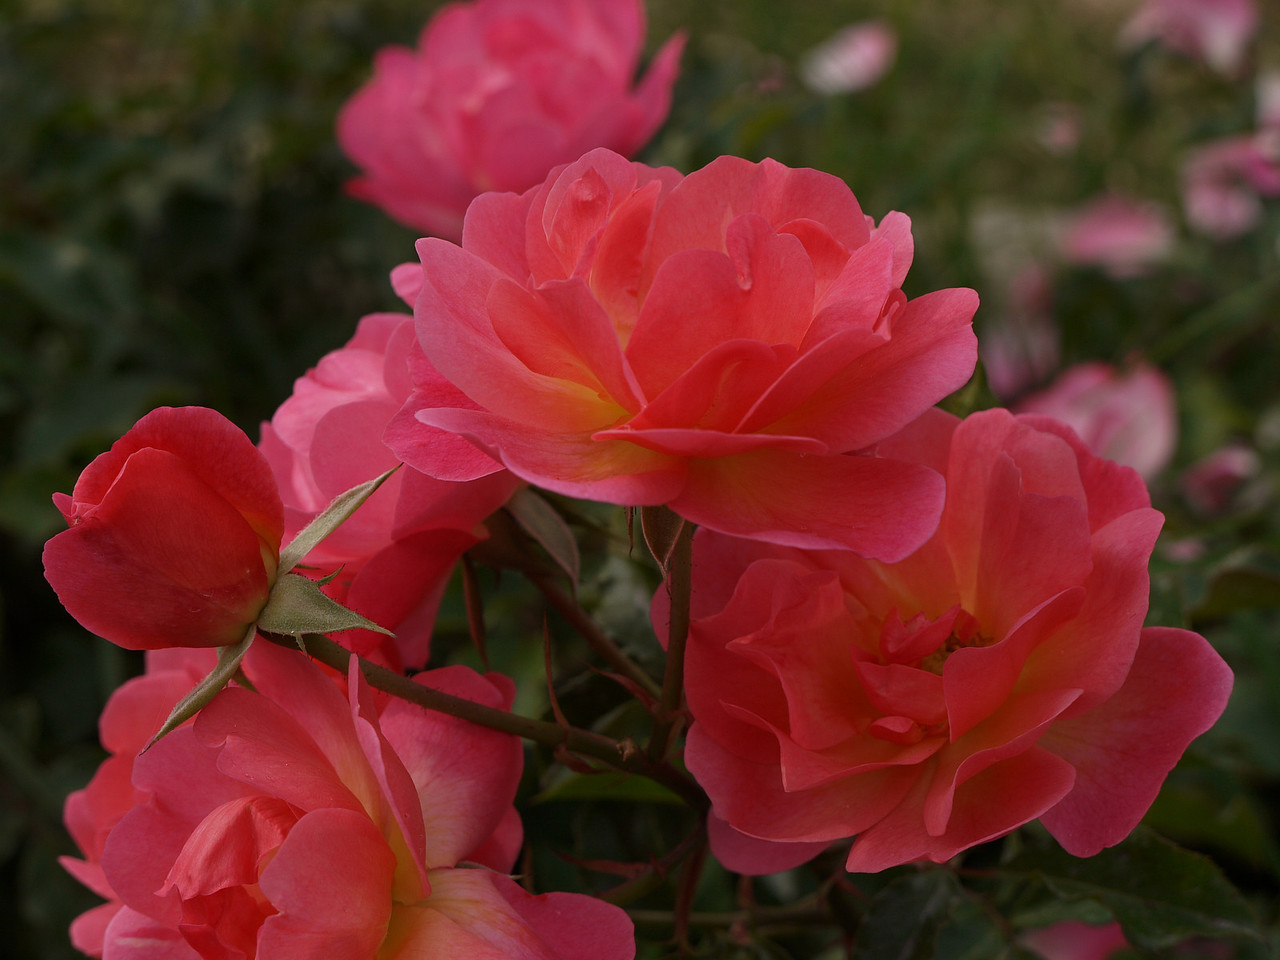 20120419_1328_0092 rose